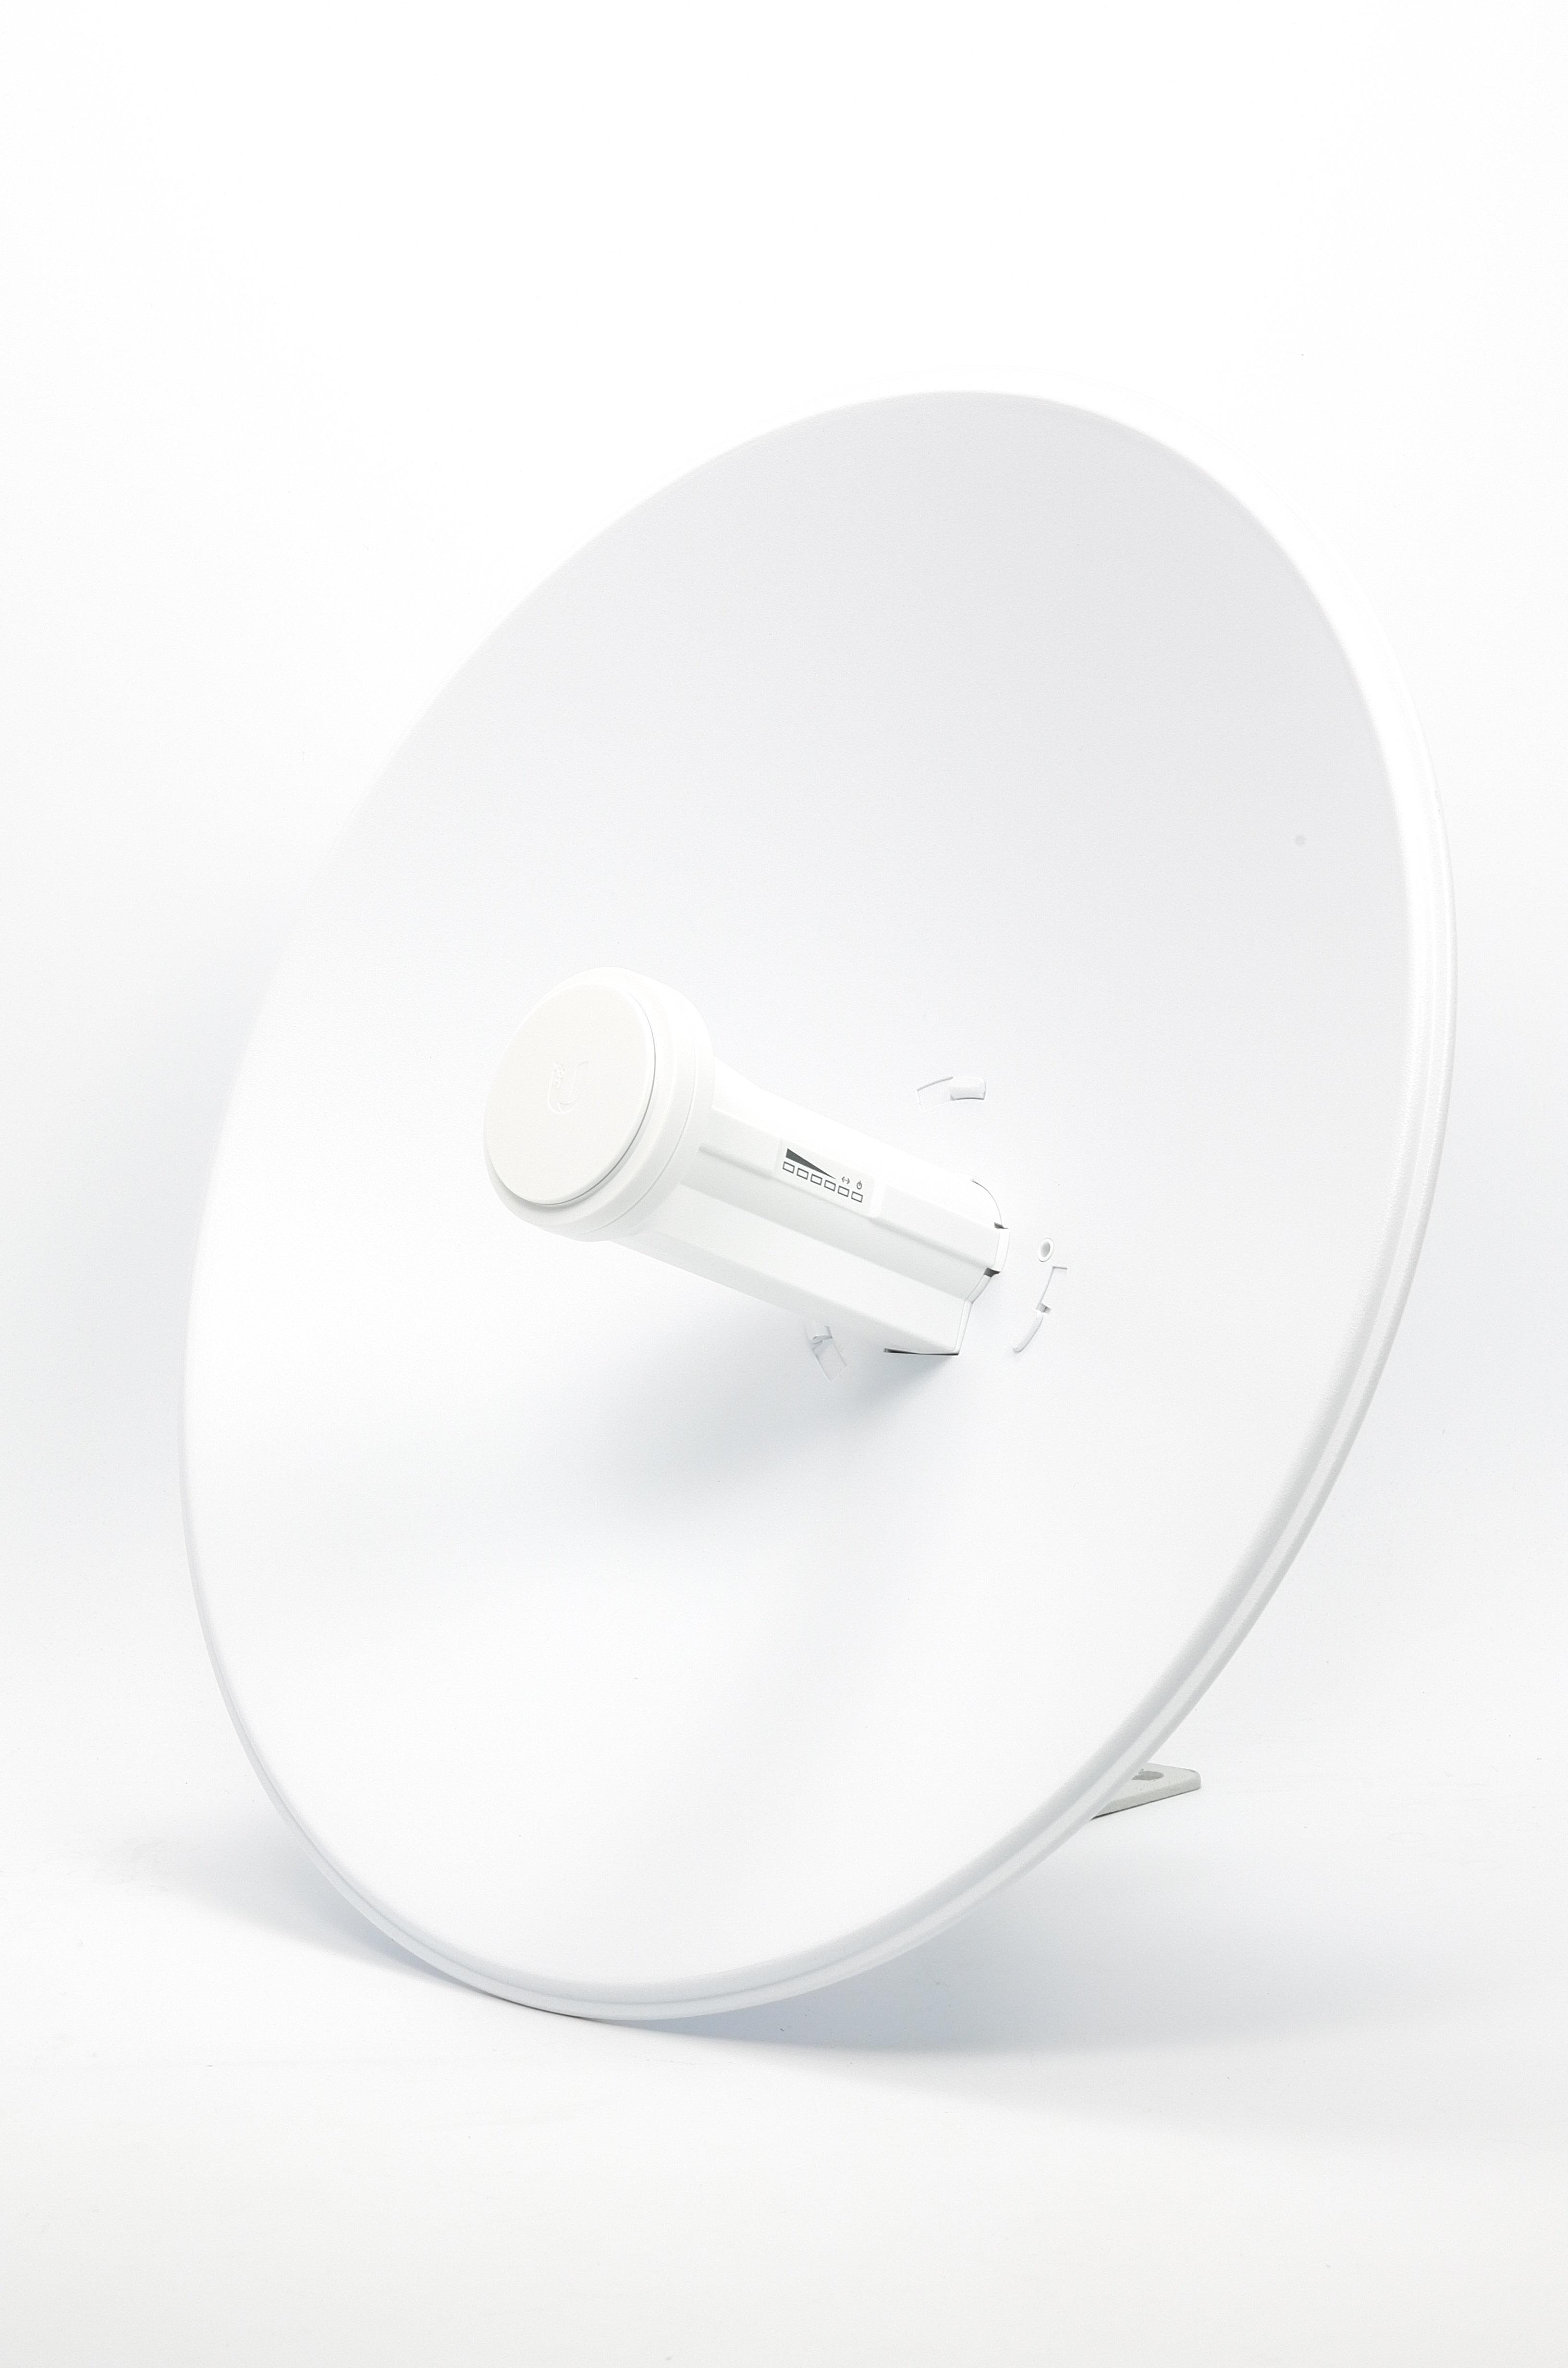 Ubiquiti PowerBeam M5-400 25dBi